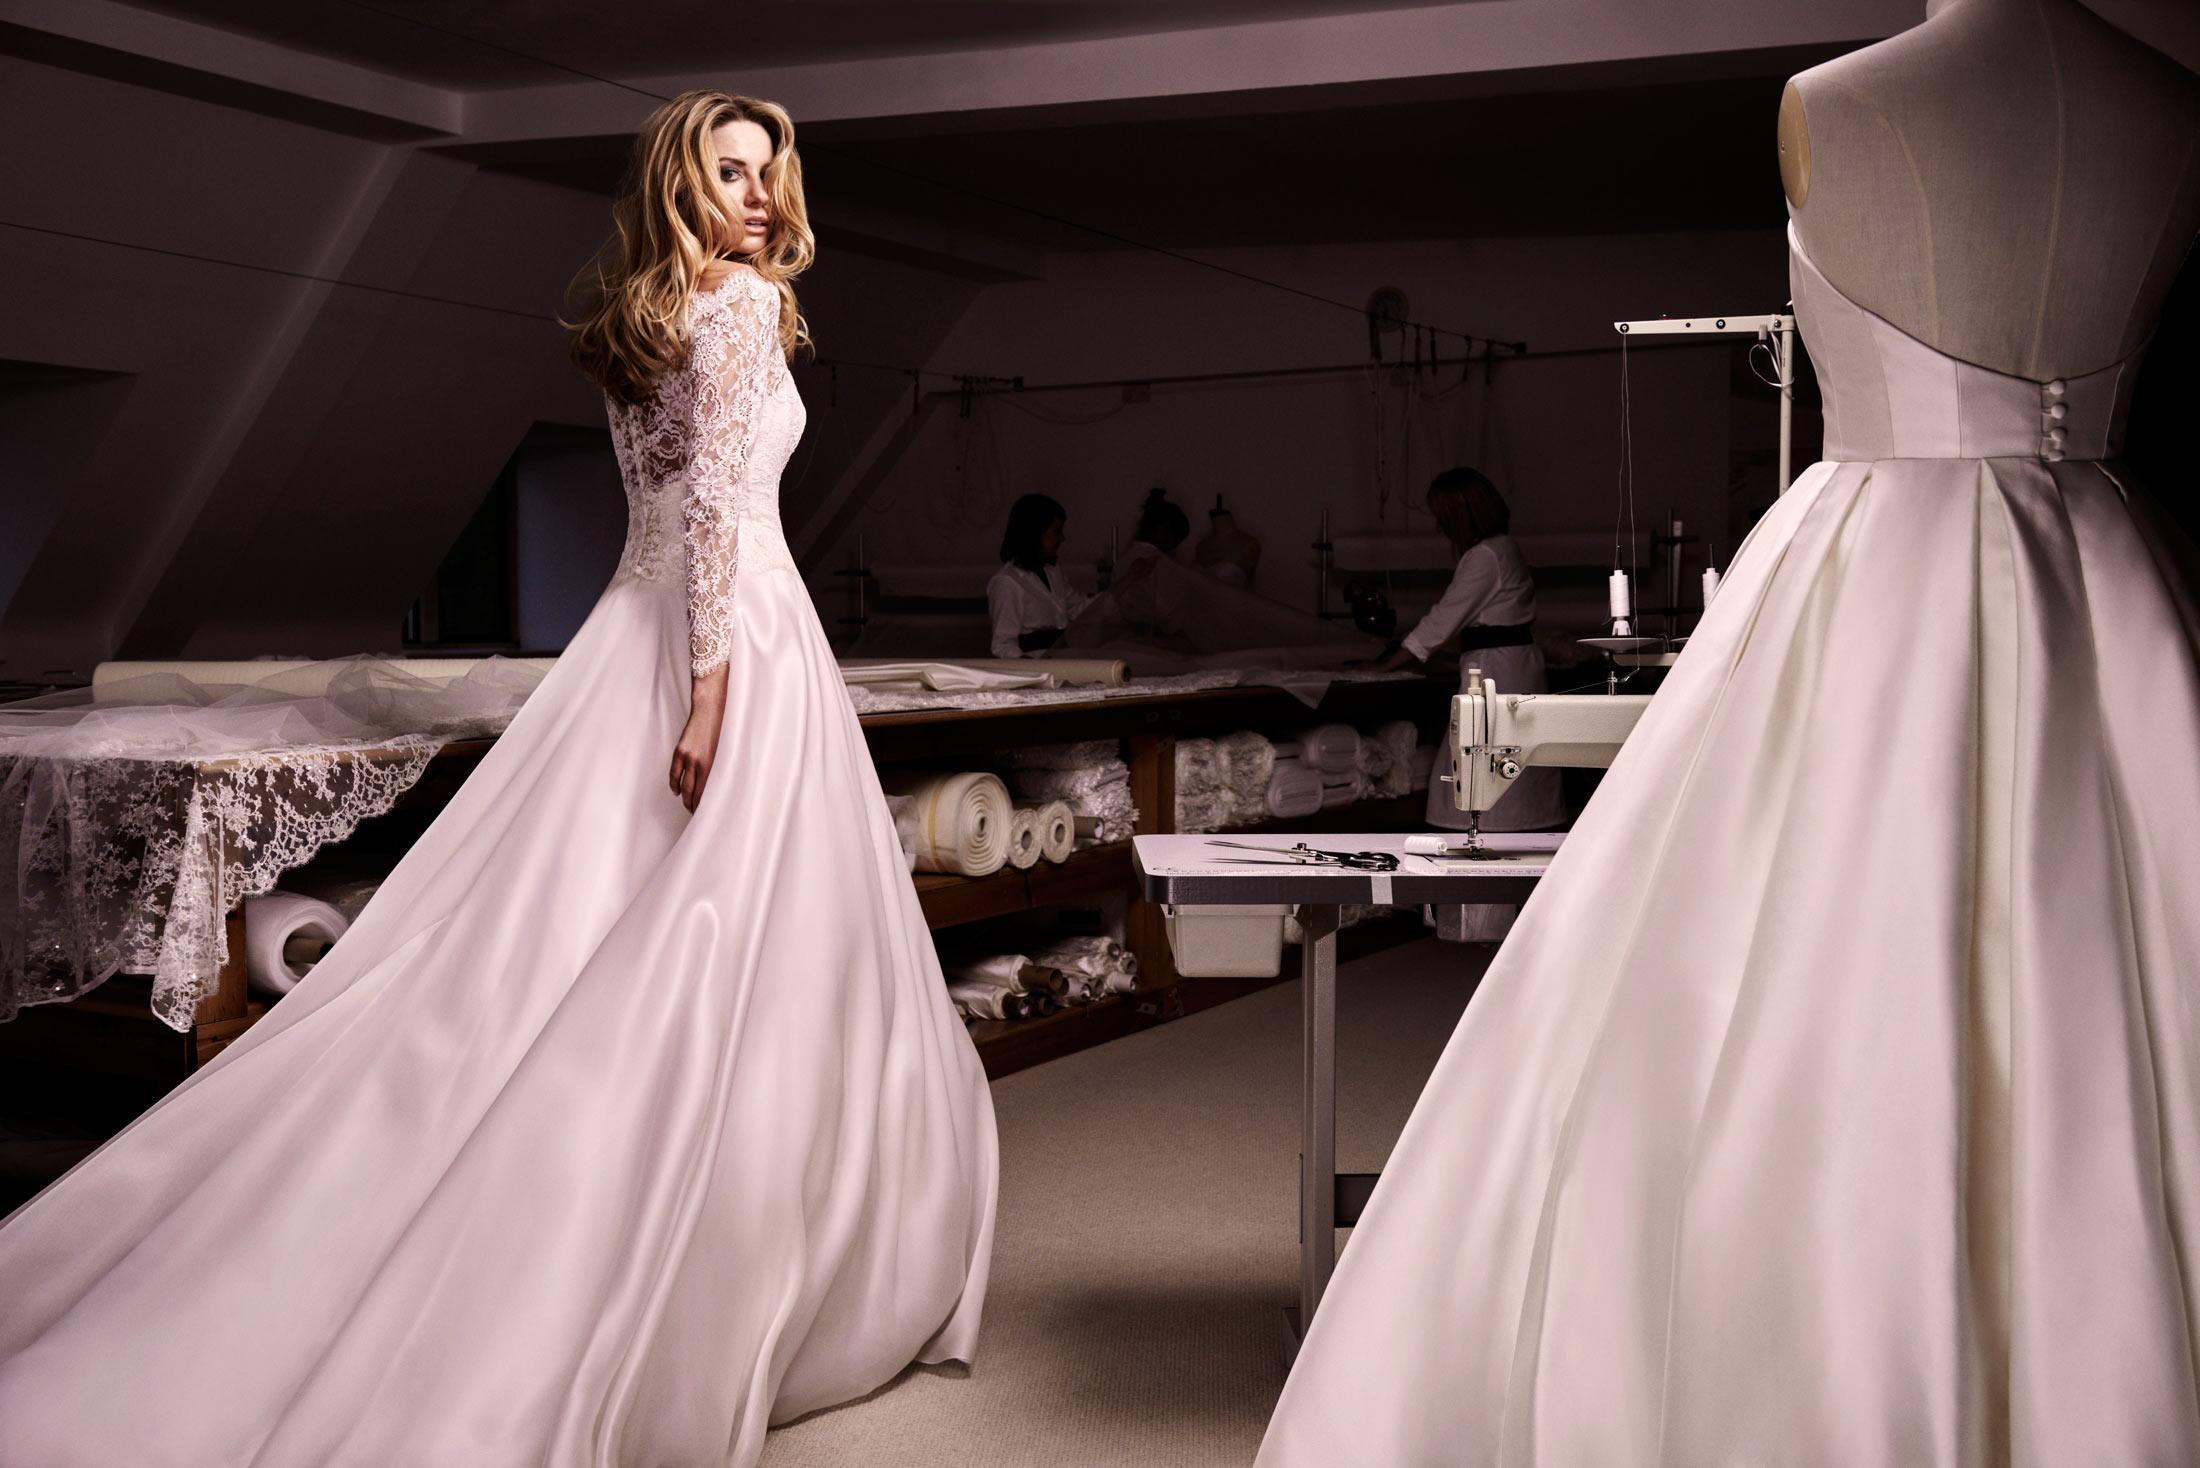 Bellini wedding dress caroline castigliano for Wedding dress malaysia online